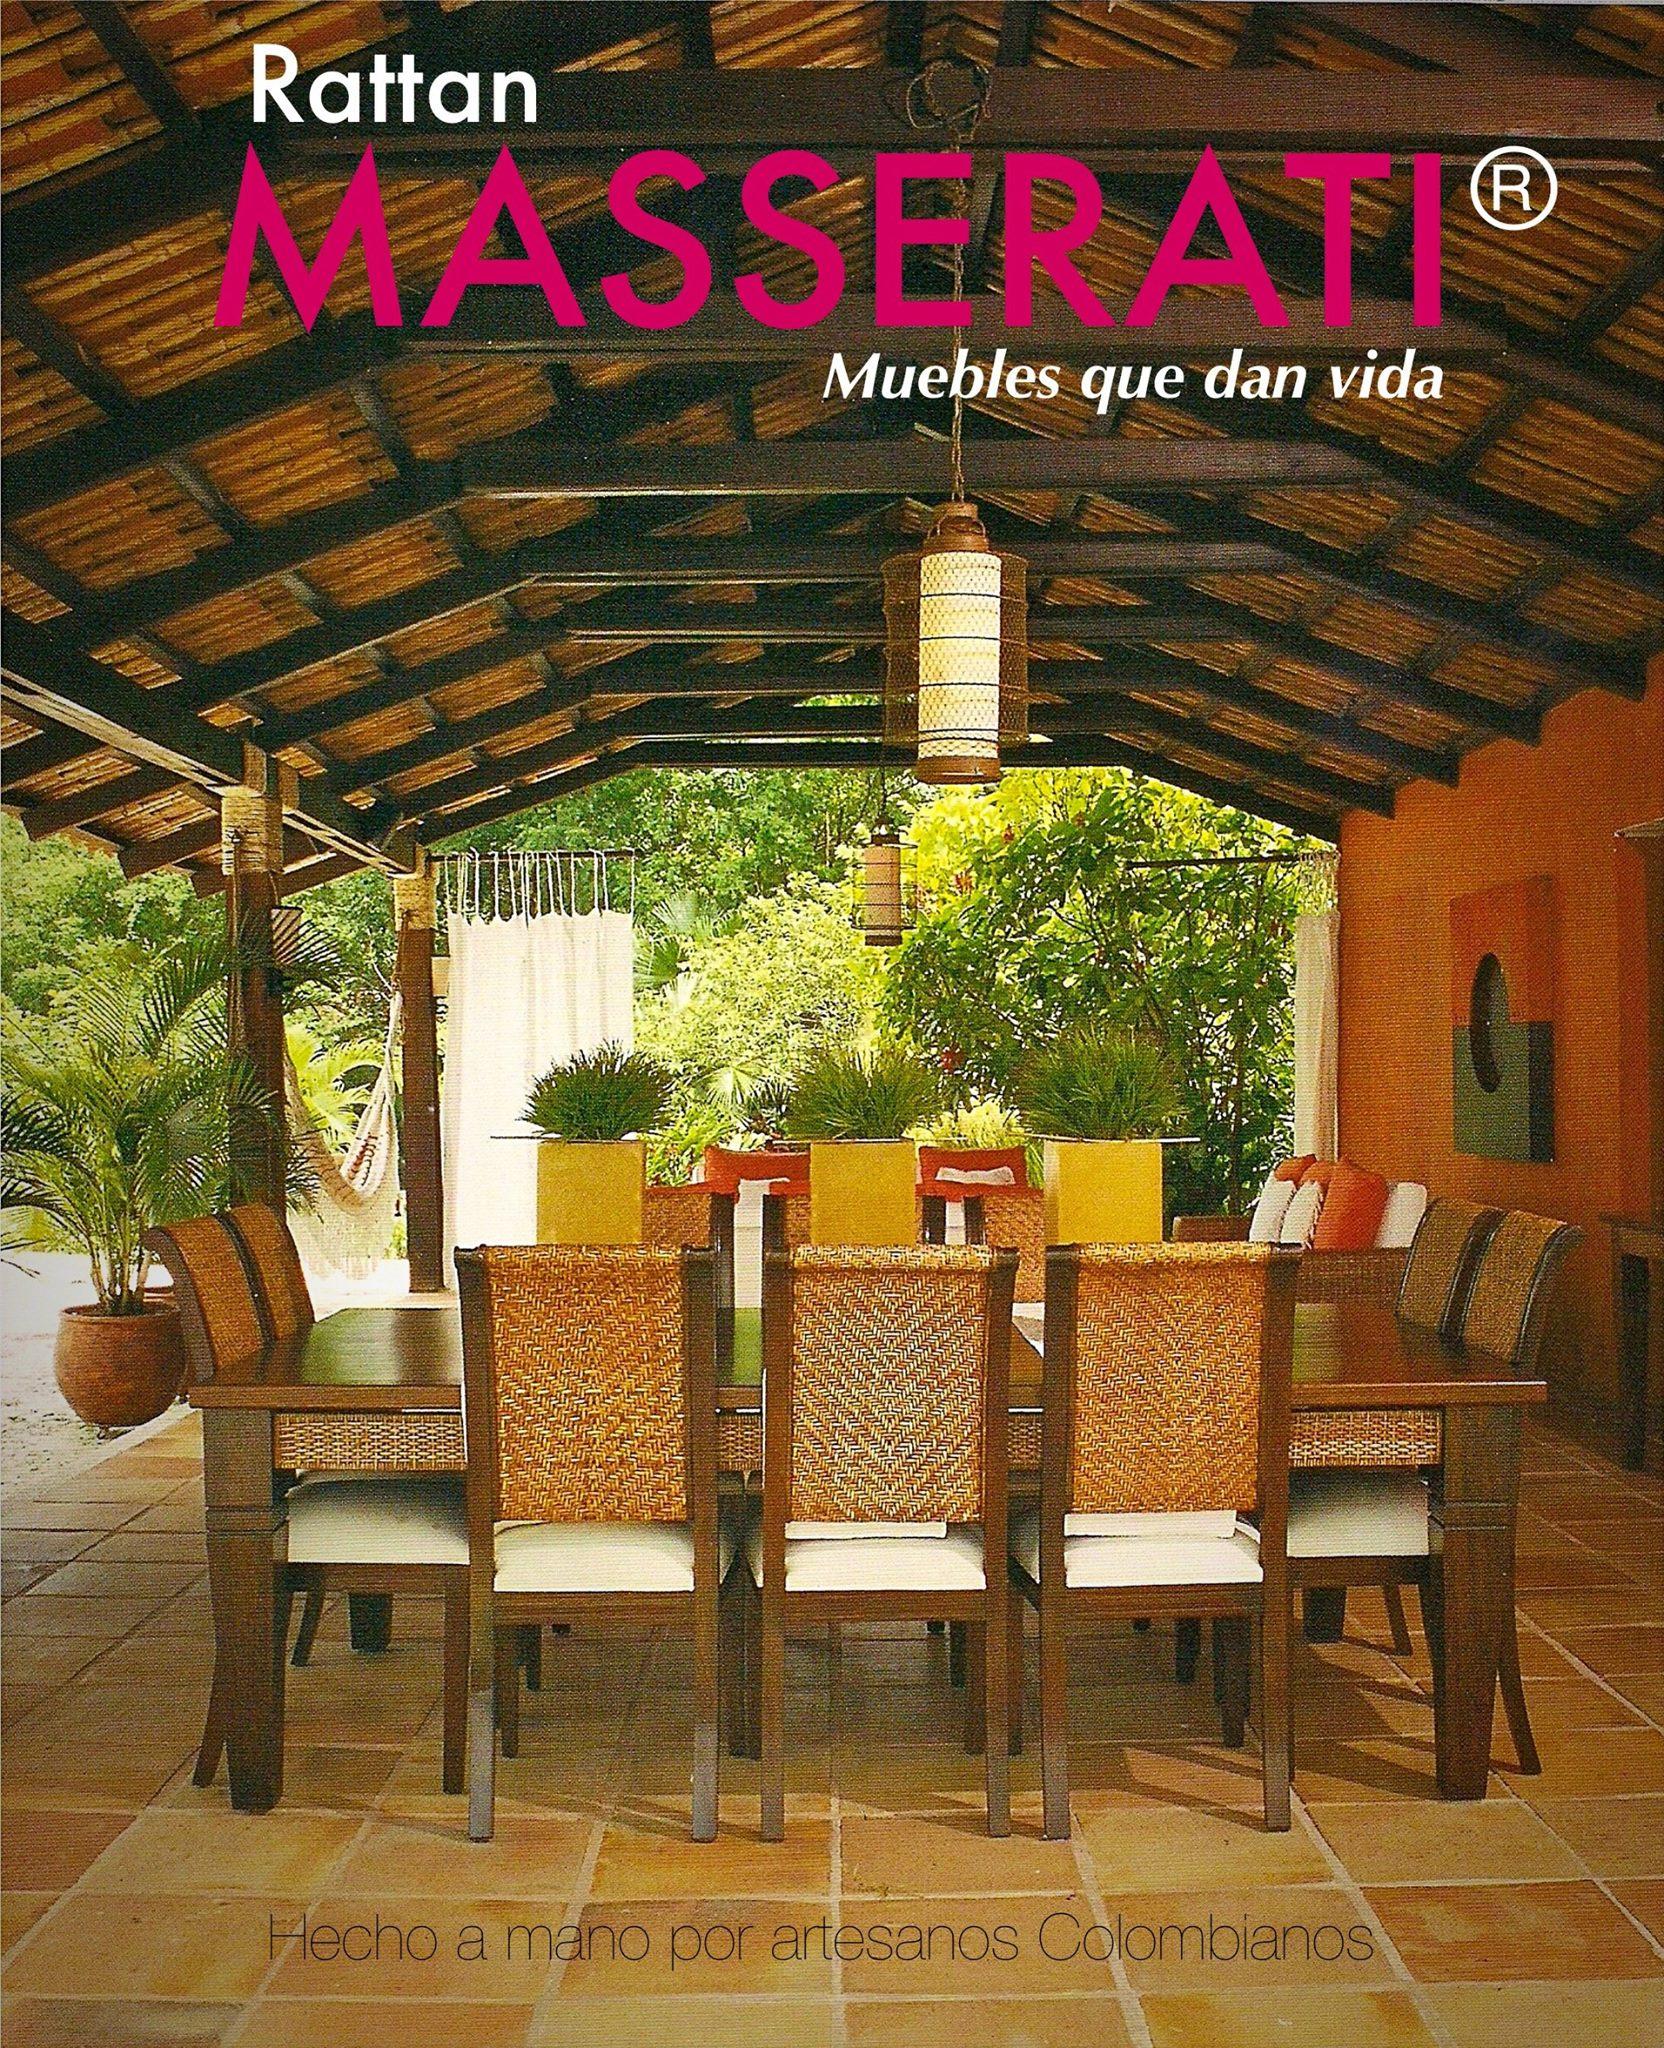 Muebles En Rattan Y Para Exterior Accesorios Rattan Masserati # Muebles Rattan Medellin